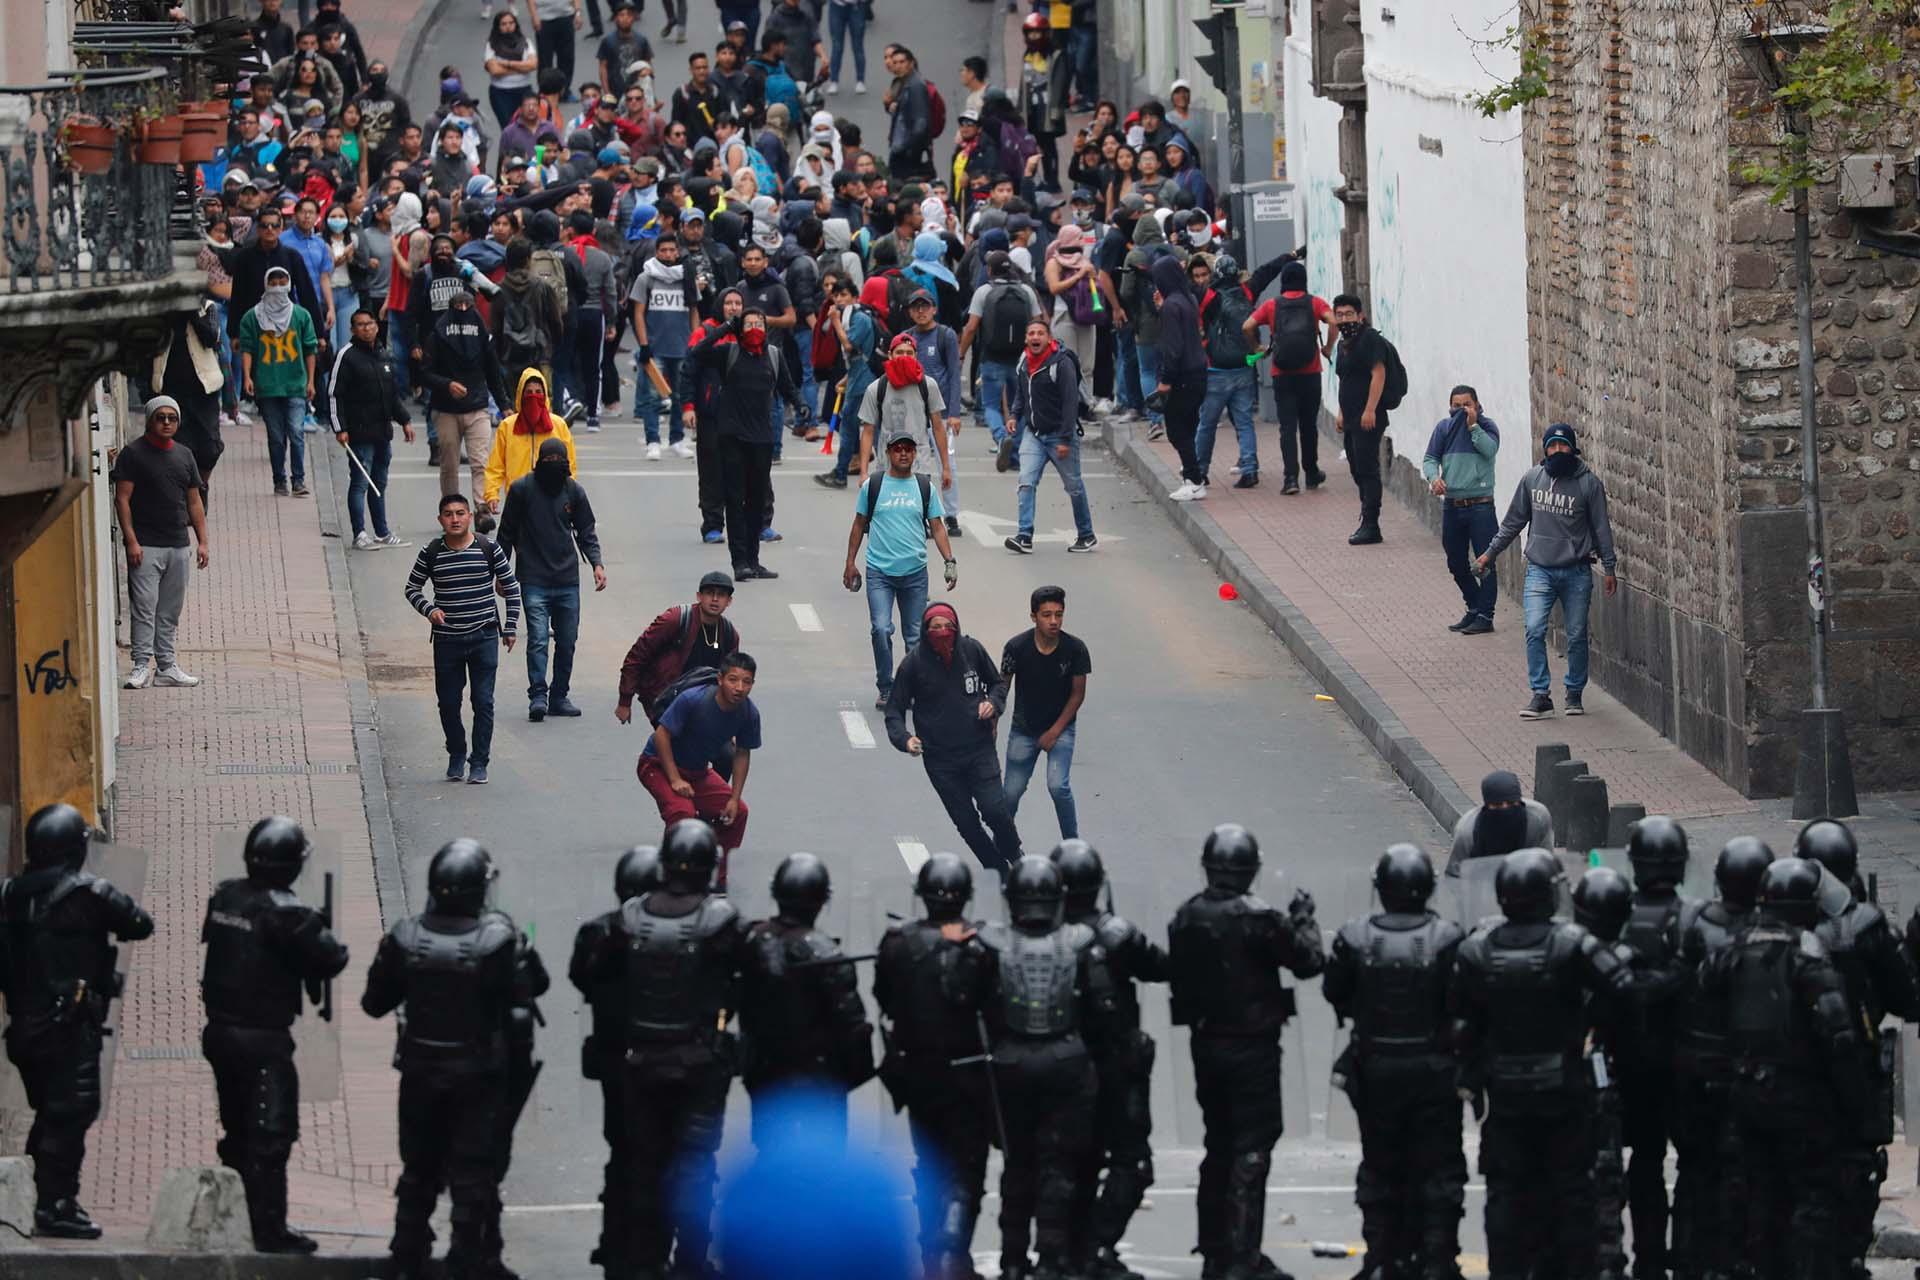 Un cordón policial intenta contener el avance de los manifestantes (AP Photo/Dolores Ochoa)